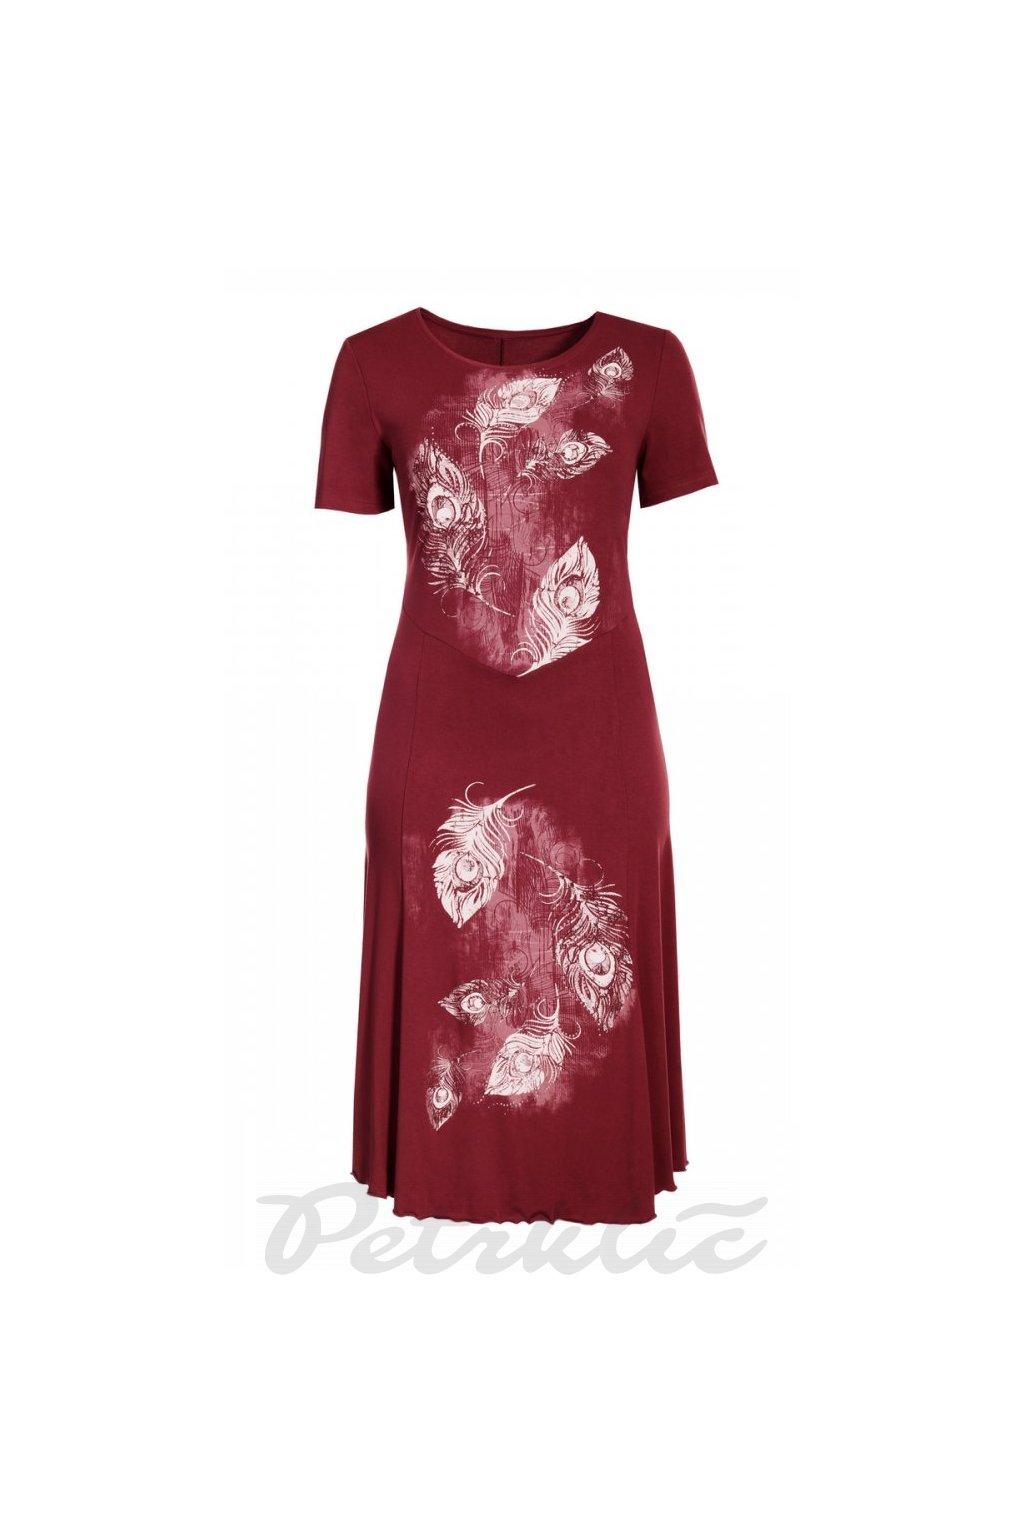 MIJA - šaty 110 - 115 cm, kr. rukáv